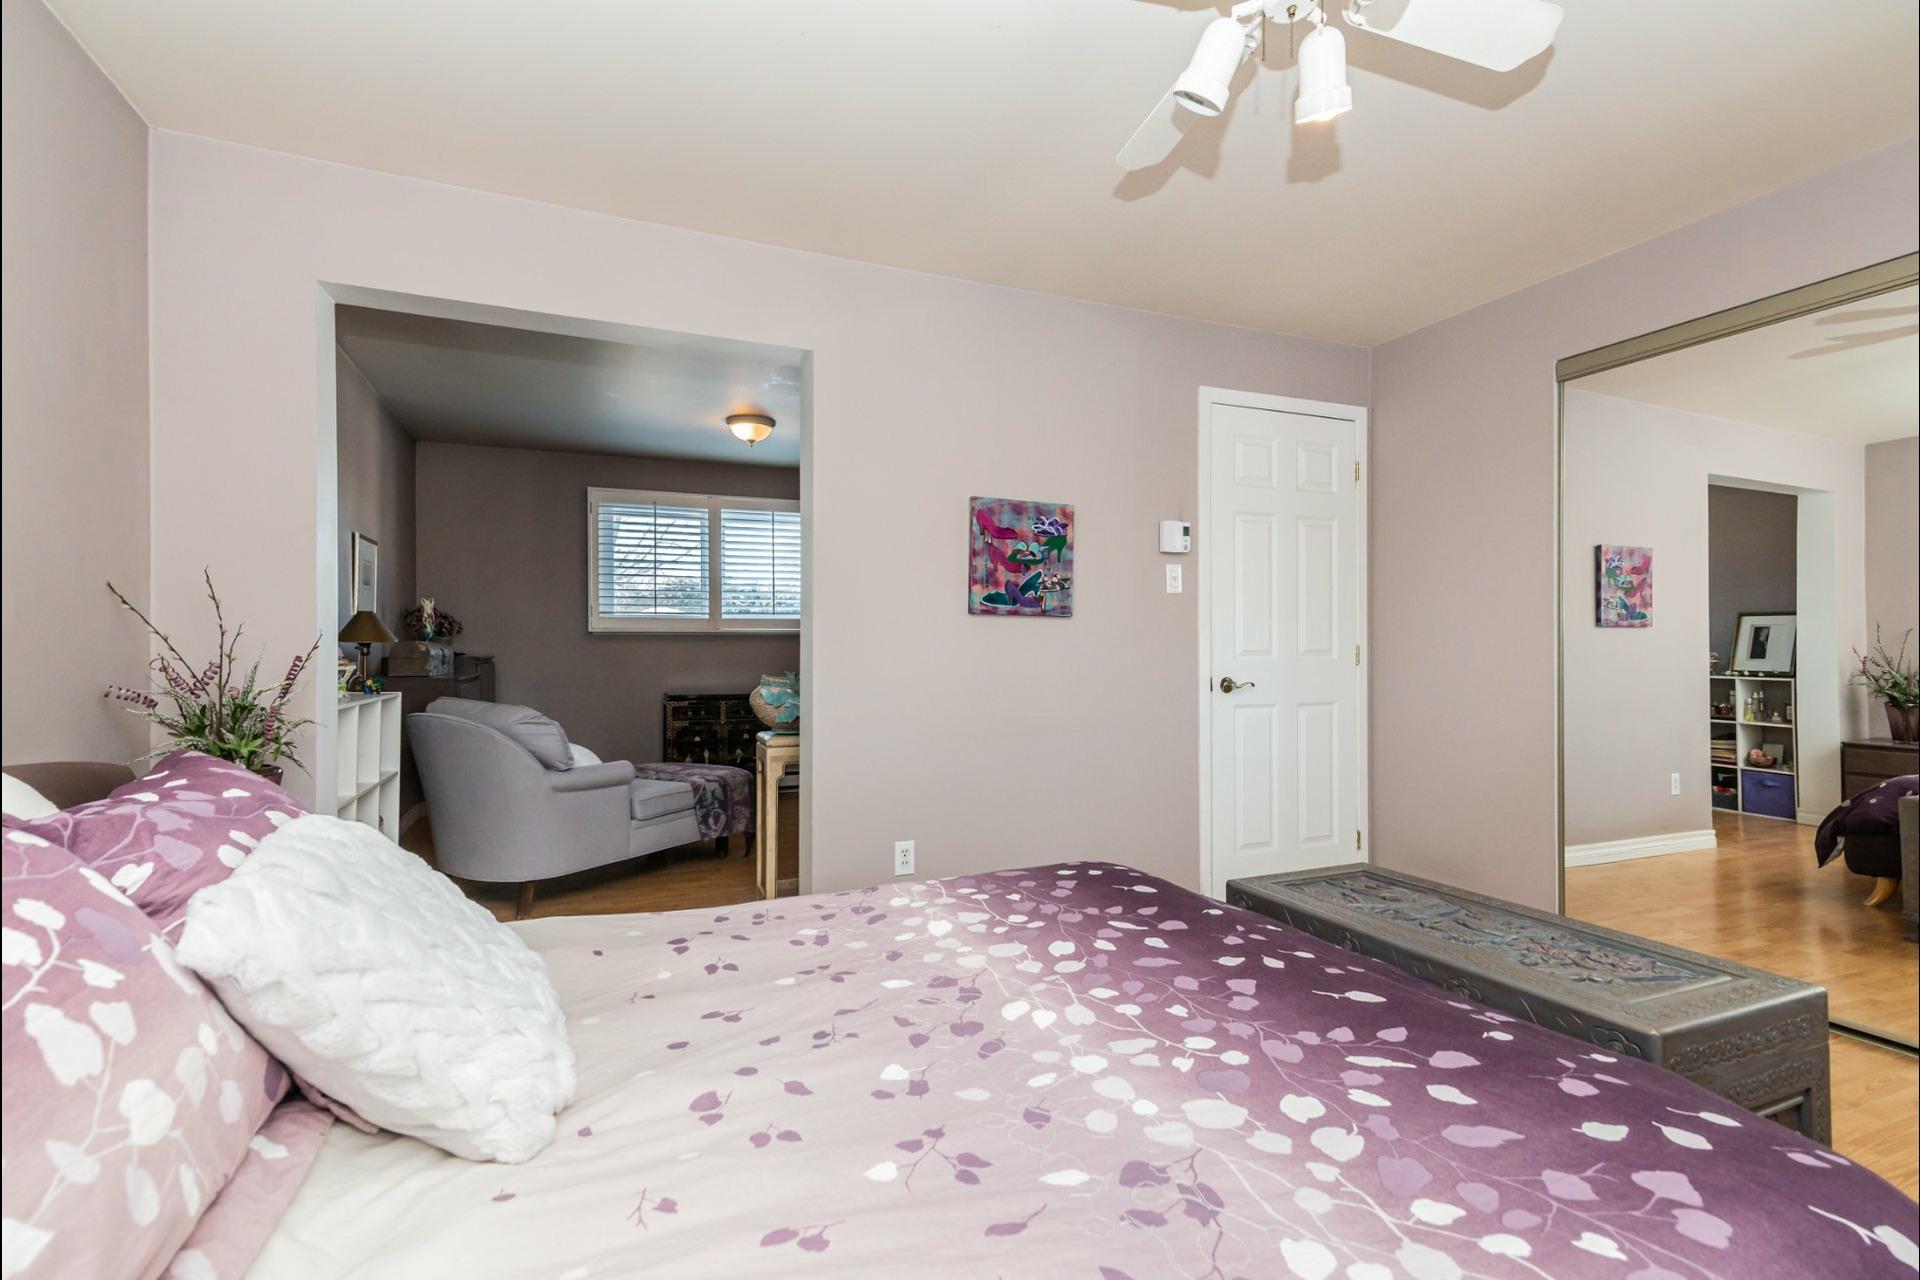 image 16 - House For sale L'Île-Bizard/Sainte-Geneviève Montréal  - 12 rooms